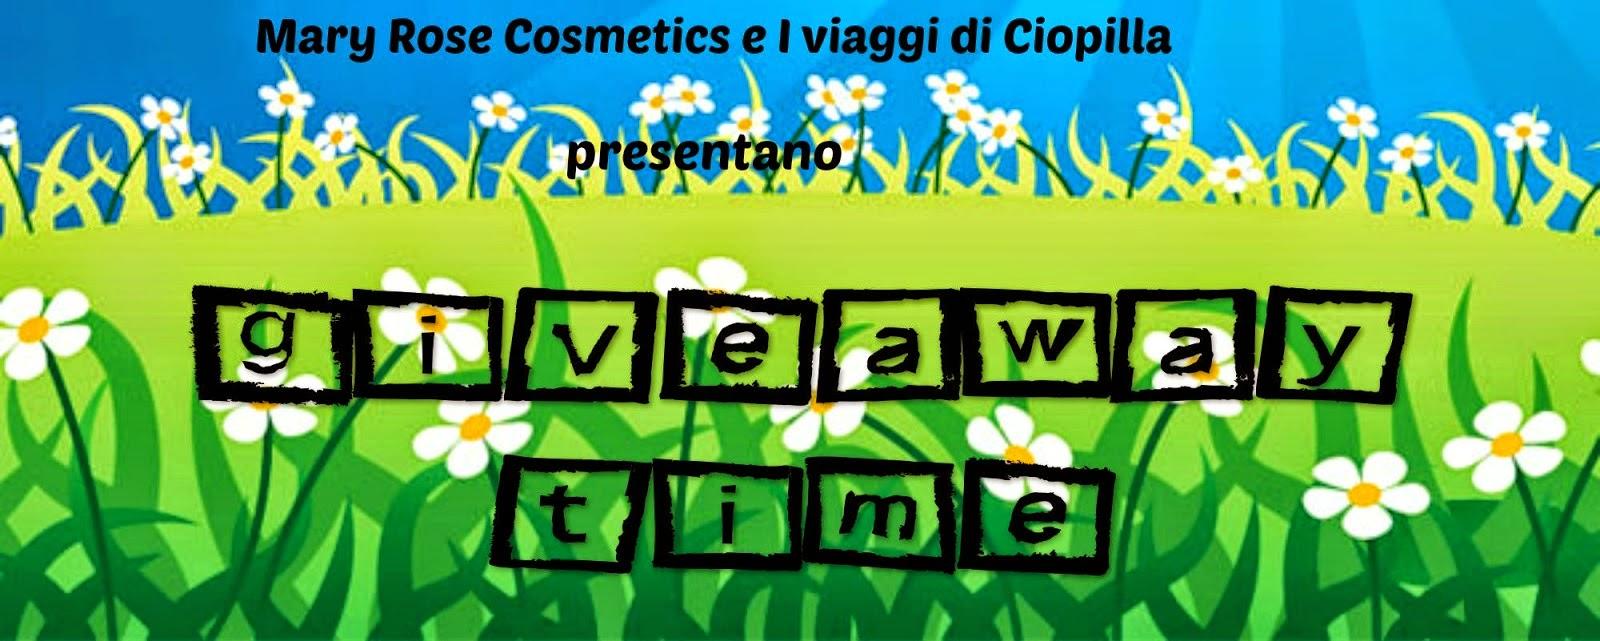 http://iviaggidiciopilla.blogspot.it/2014/11/mary-rose-e-i-viaggi-di-ciopilla.html